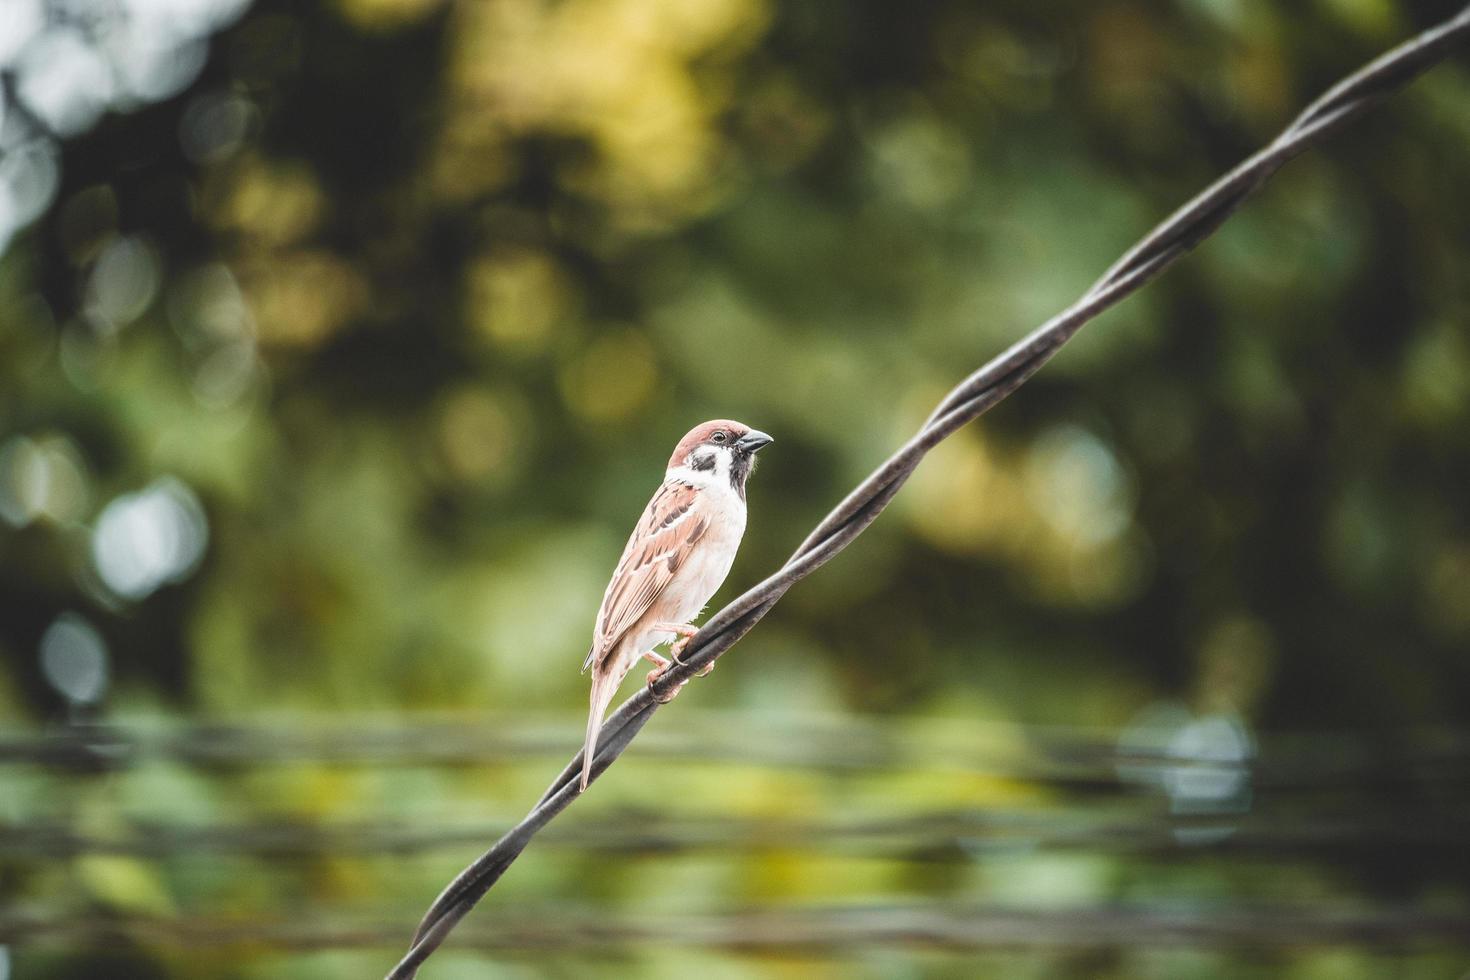 Vogel thront auf Draht foto